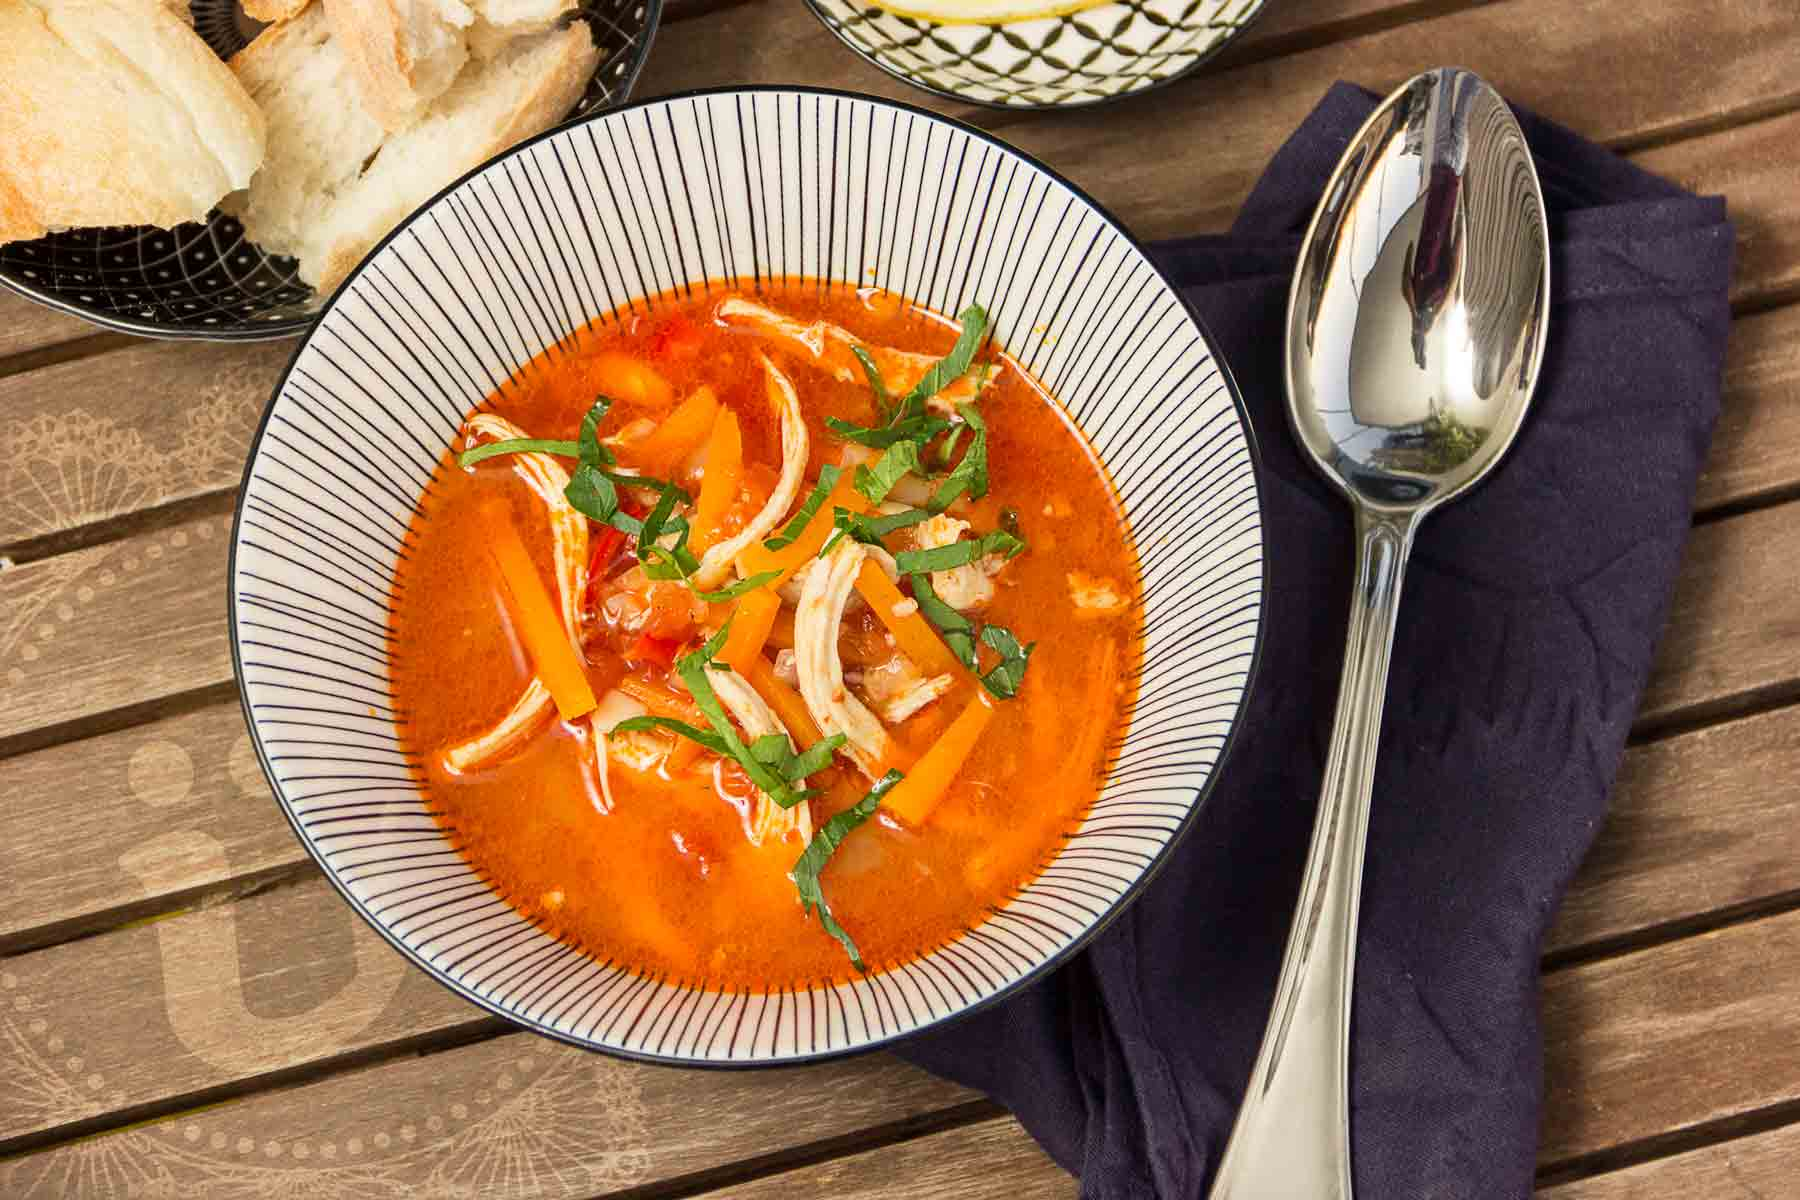 Şehriyeli ve domatesli tavuk çorbası ~ türkische Suppe, Türkische Hühnersuppe mit Nudeln